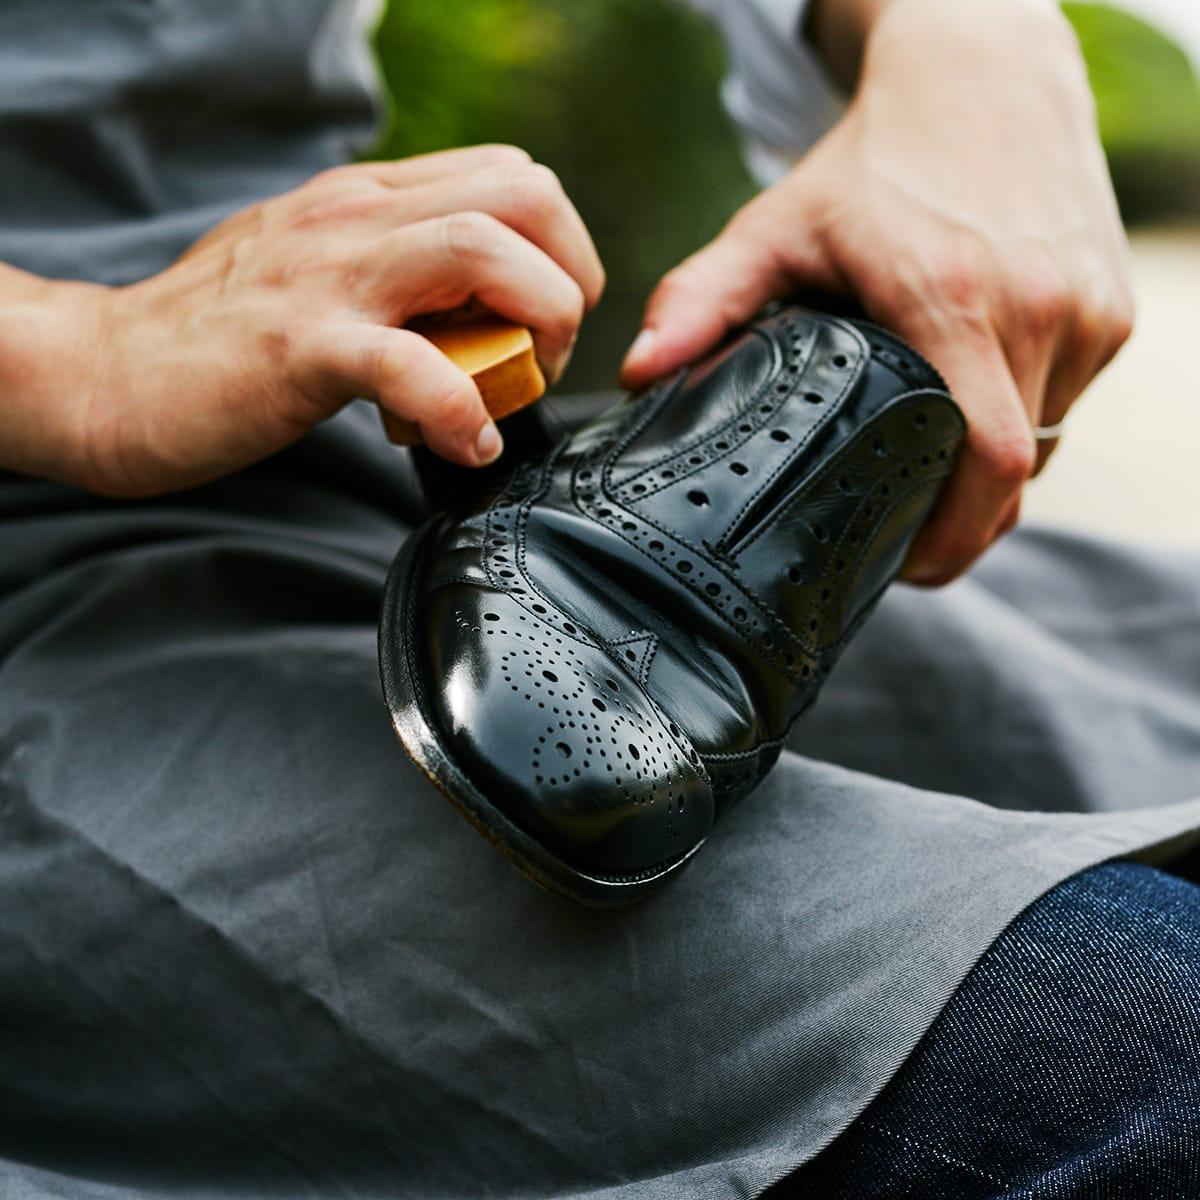 履きおろす前に。革靴を長く使うためのプレメンテサービス